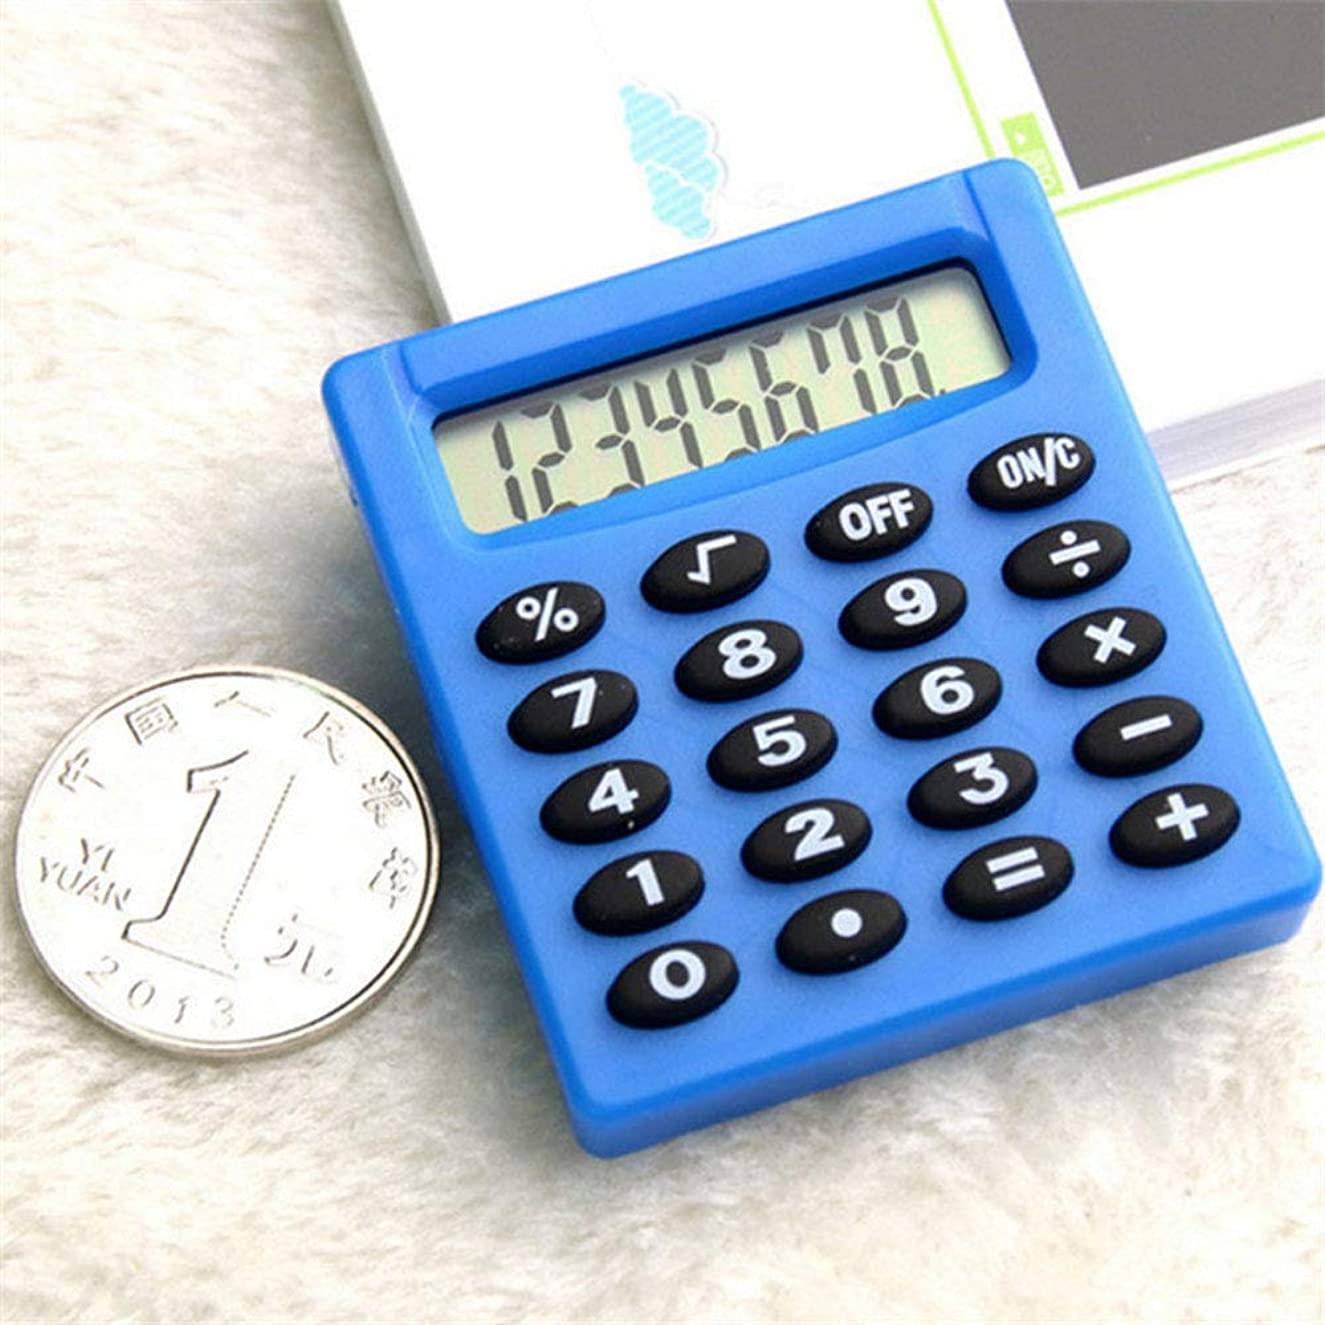 落ち着いた複雑冊子電子計算機 電子計算機 太陽電池デュアルパワーオフィス計算機 デスクトップ計算機 デスクトップ計算機 大型LCDモニター 大型LCDモニター 太陽電池デュアルパワーオフィス計算機 XG-88 (Blue)